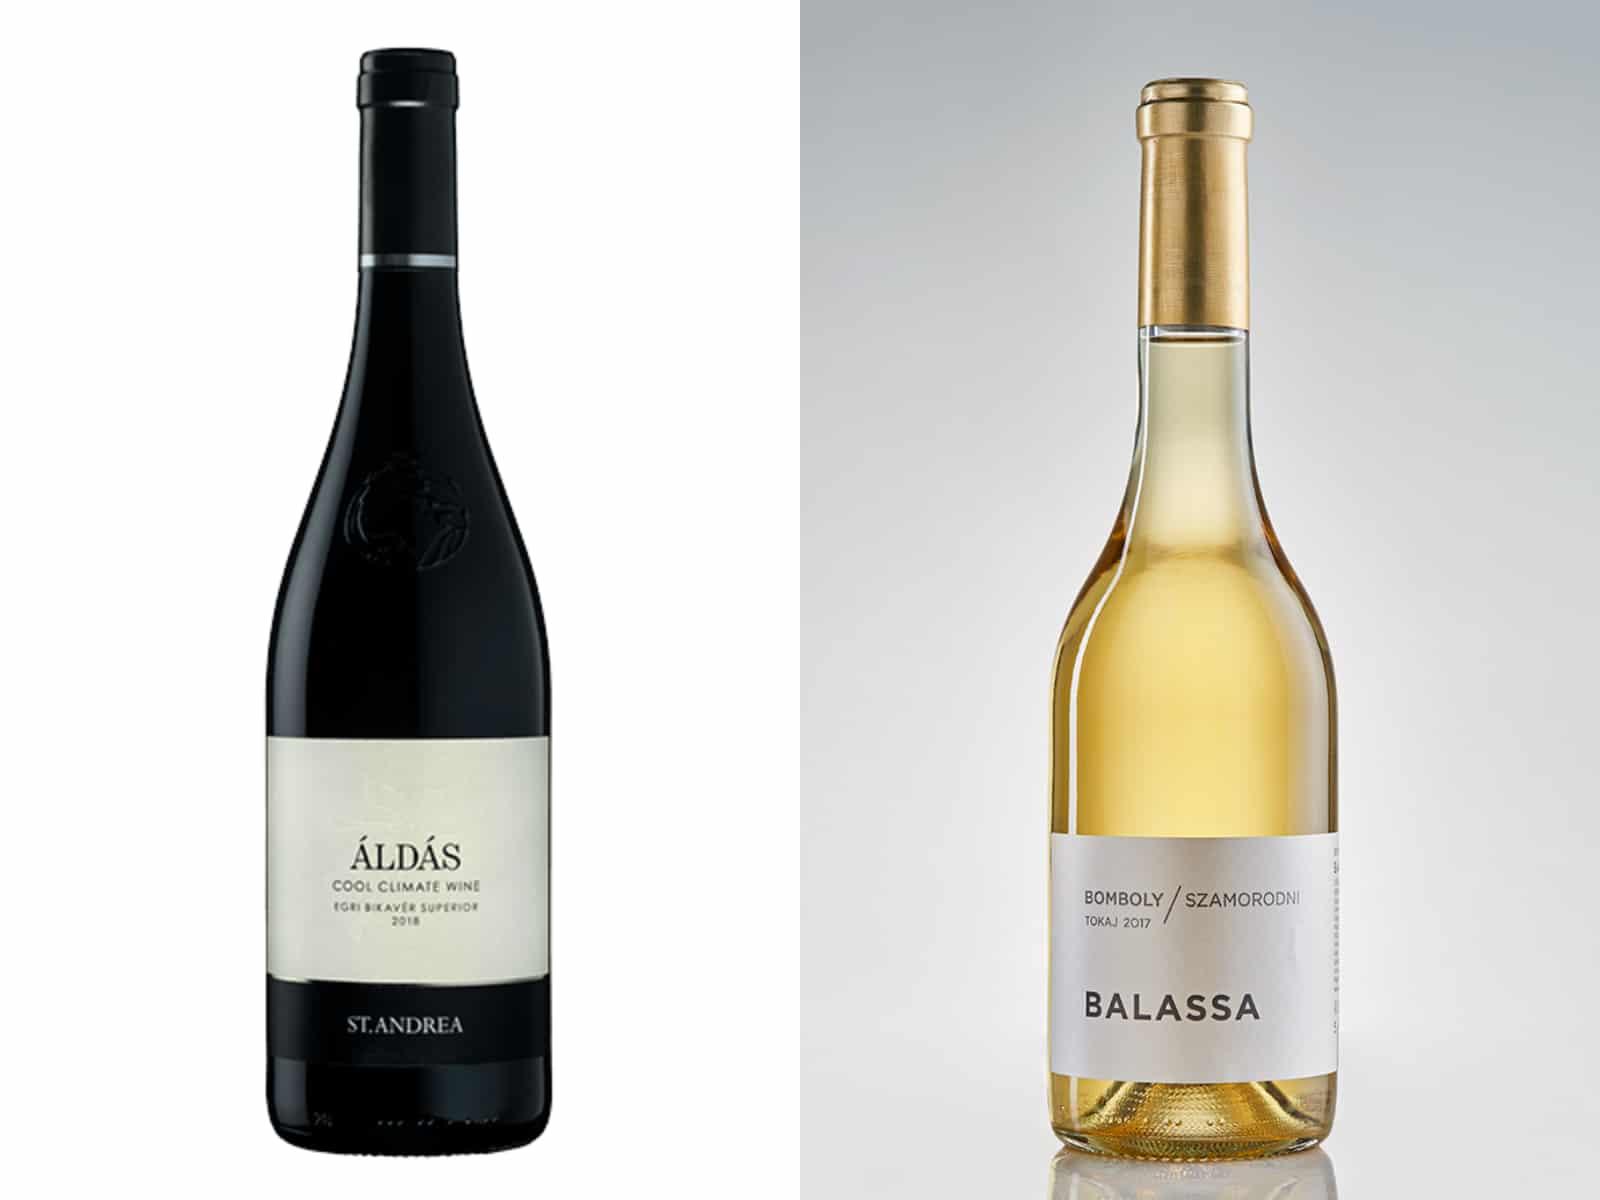 Kétszeres siker a brit Decanter borászati szaklap listáin: egy bikavér és egy szamorodni az élen